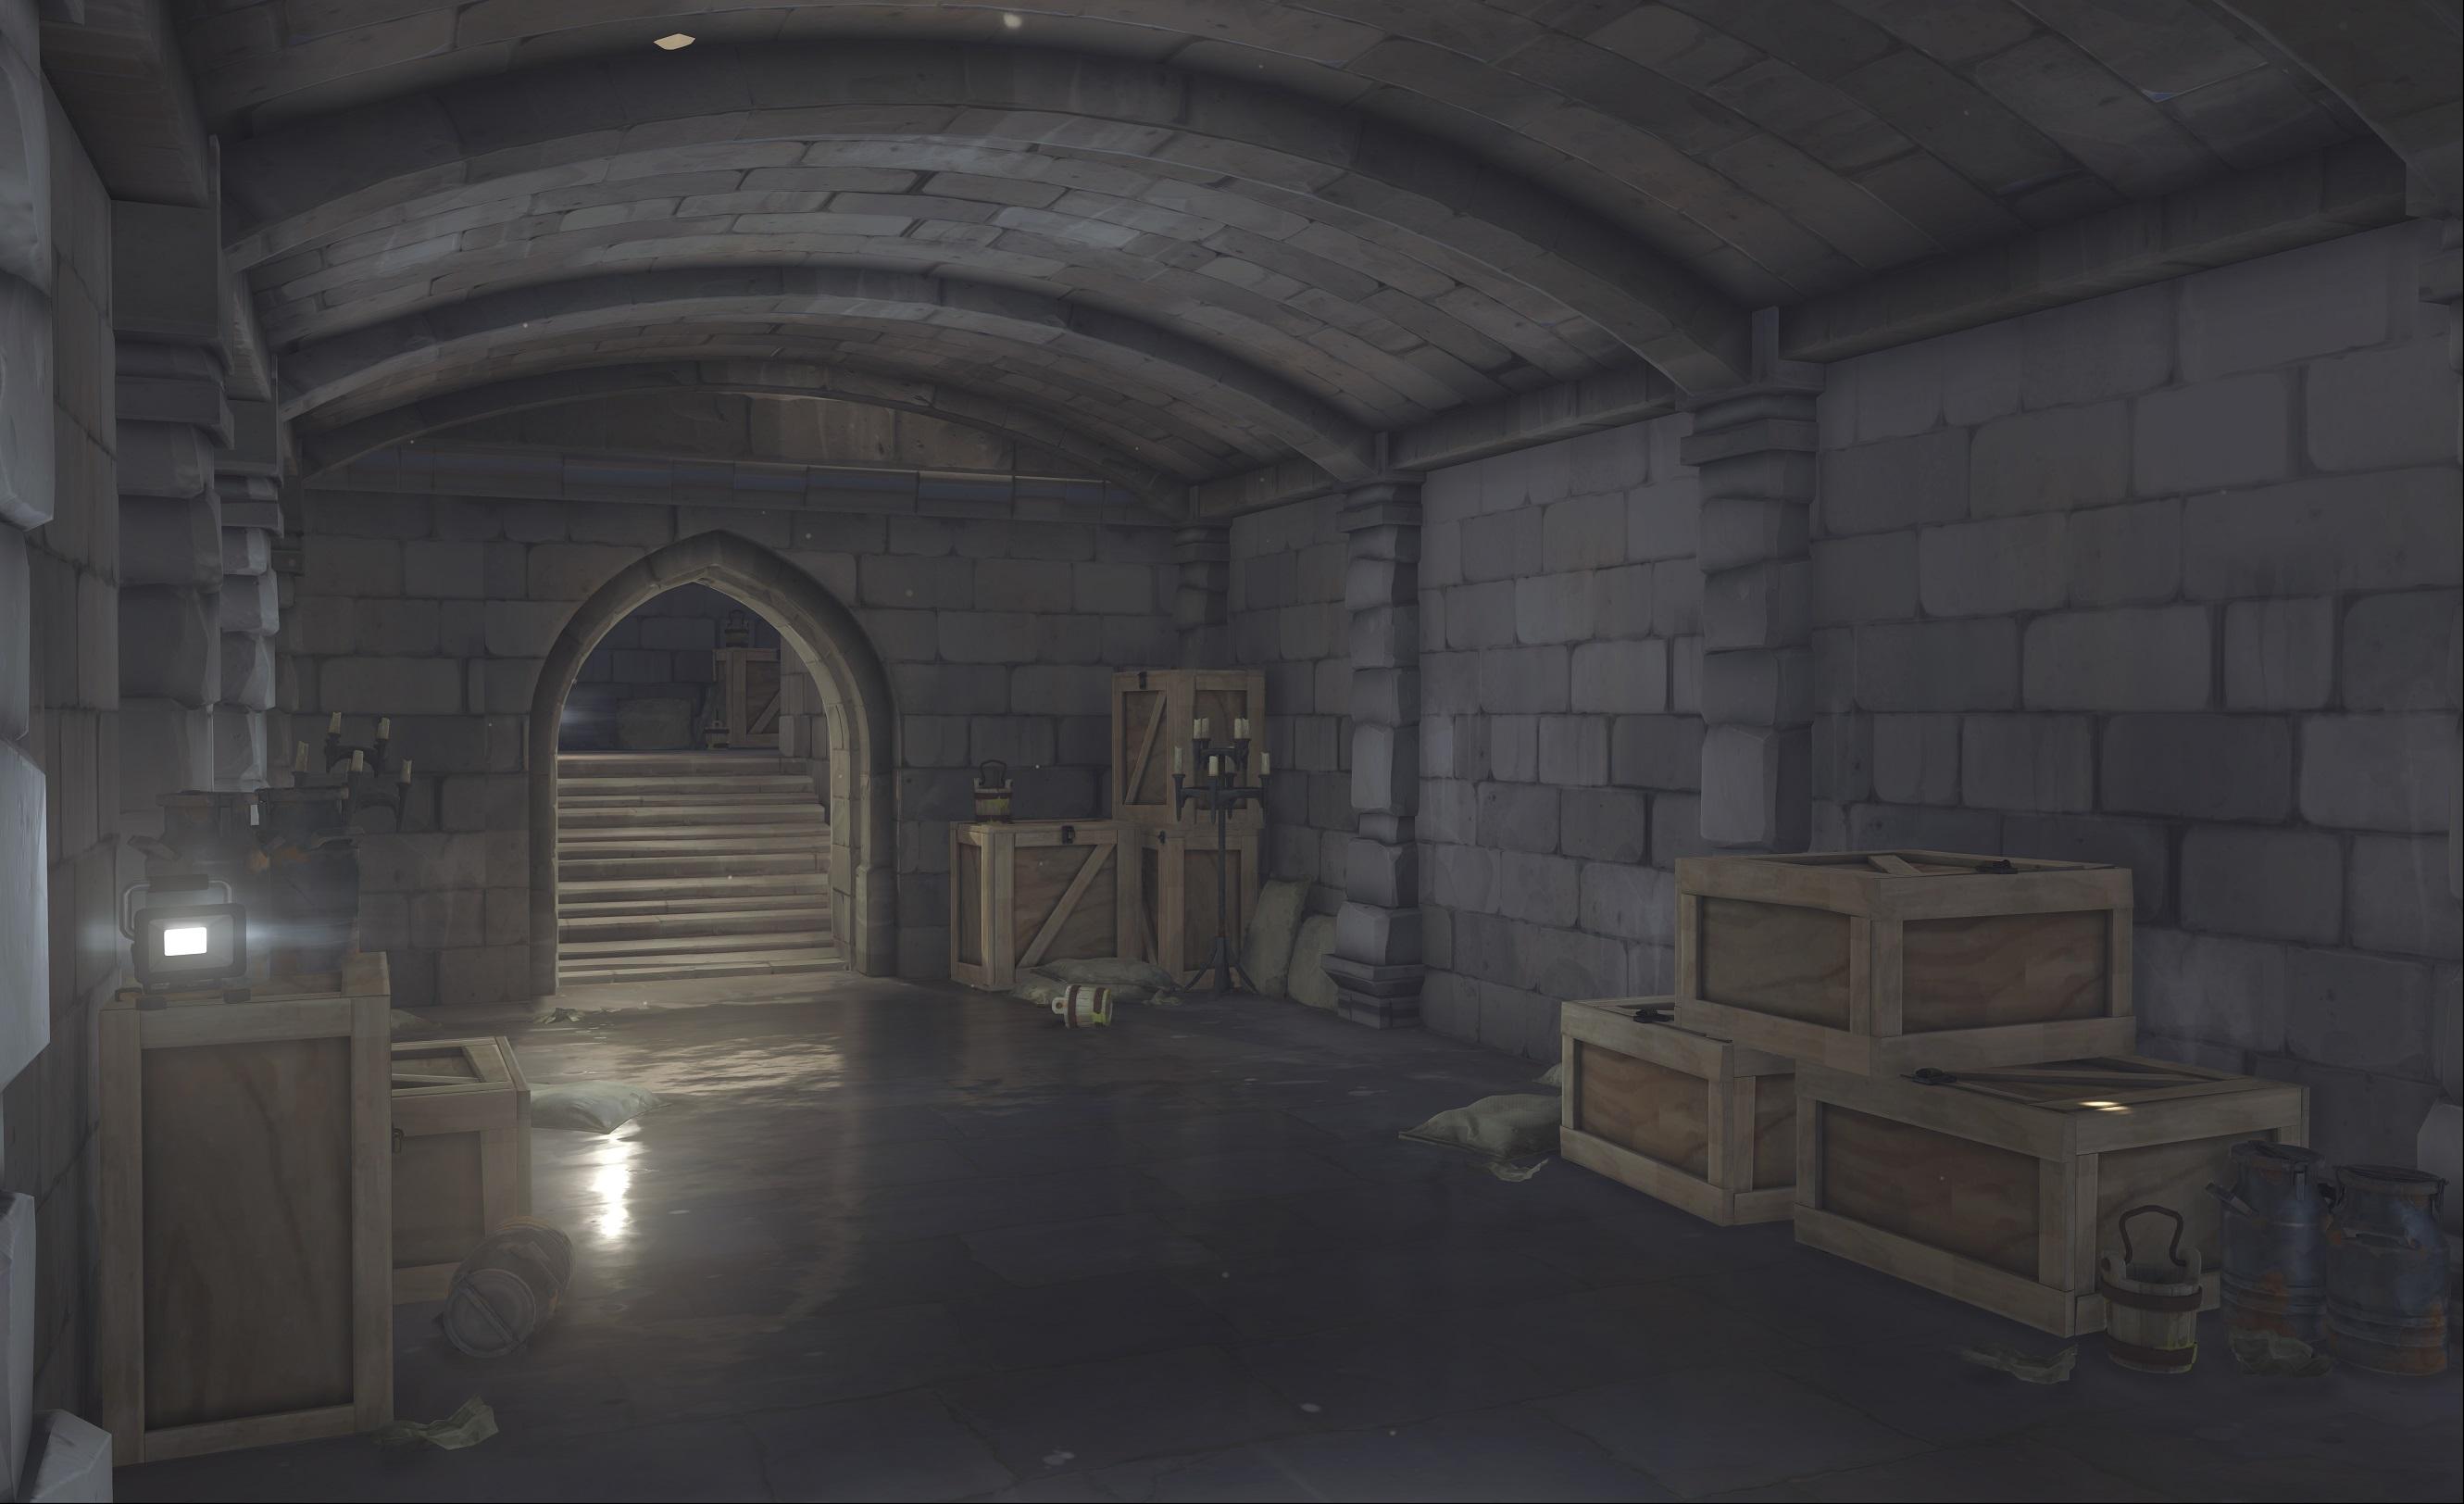 Nová mapa pro Overwatch nás zavede do hradu a přilehlého městečka v Německu 128682